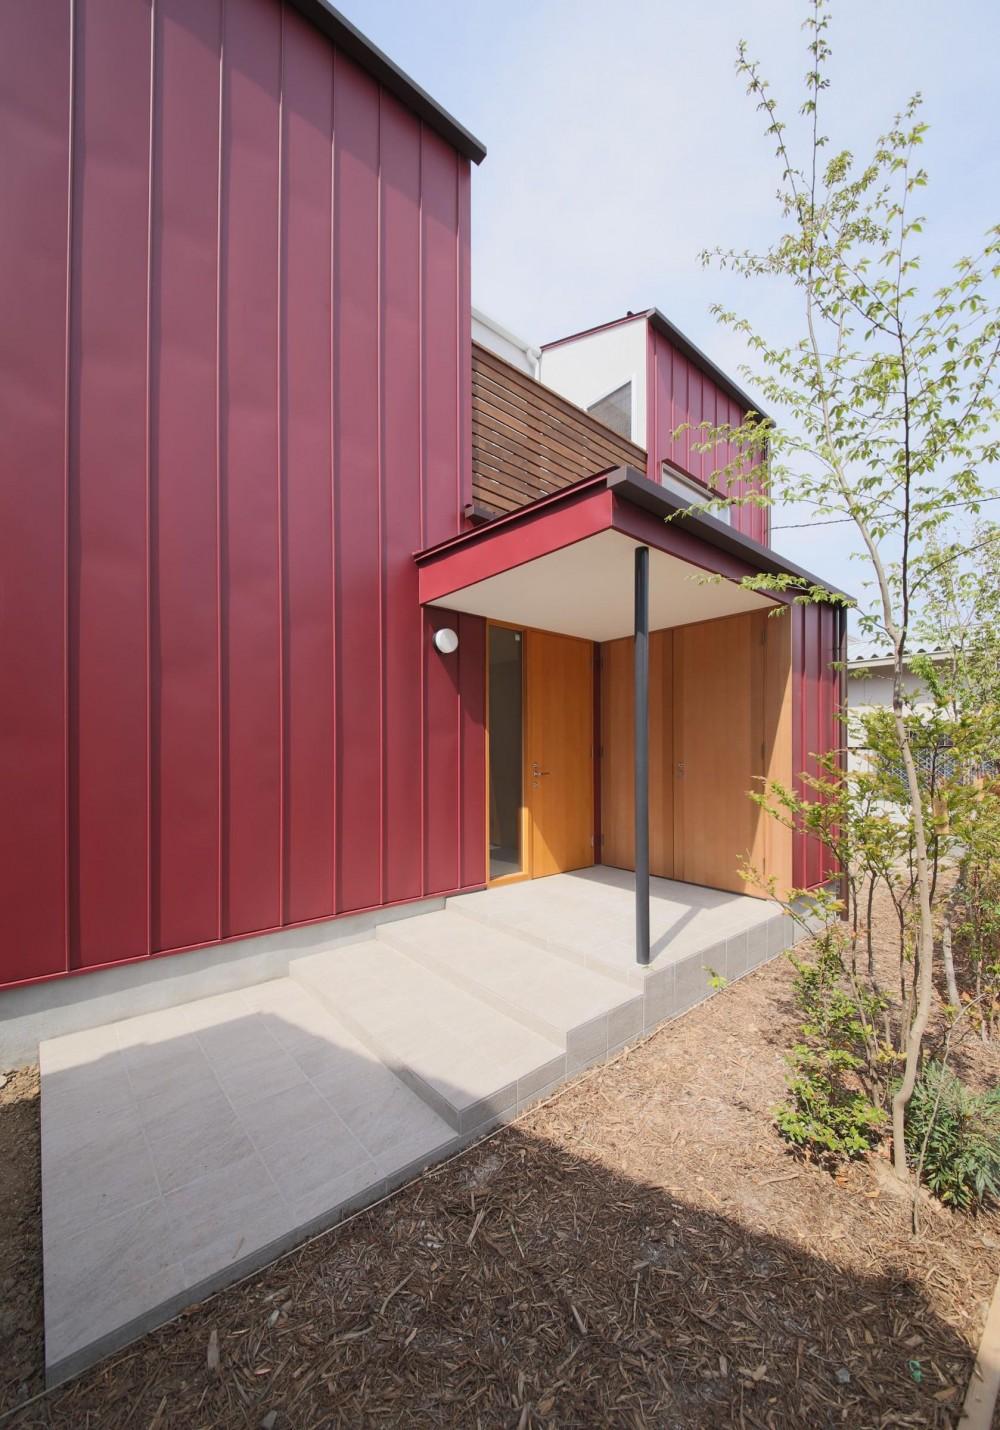 赤の家・RED HOUSE (外観5)